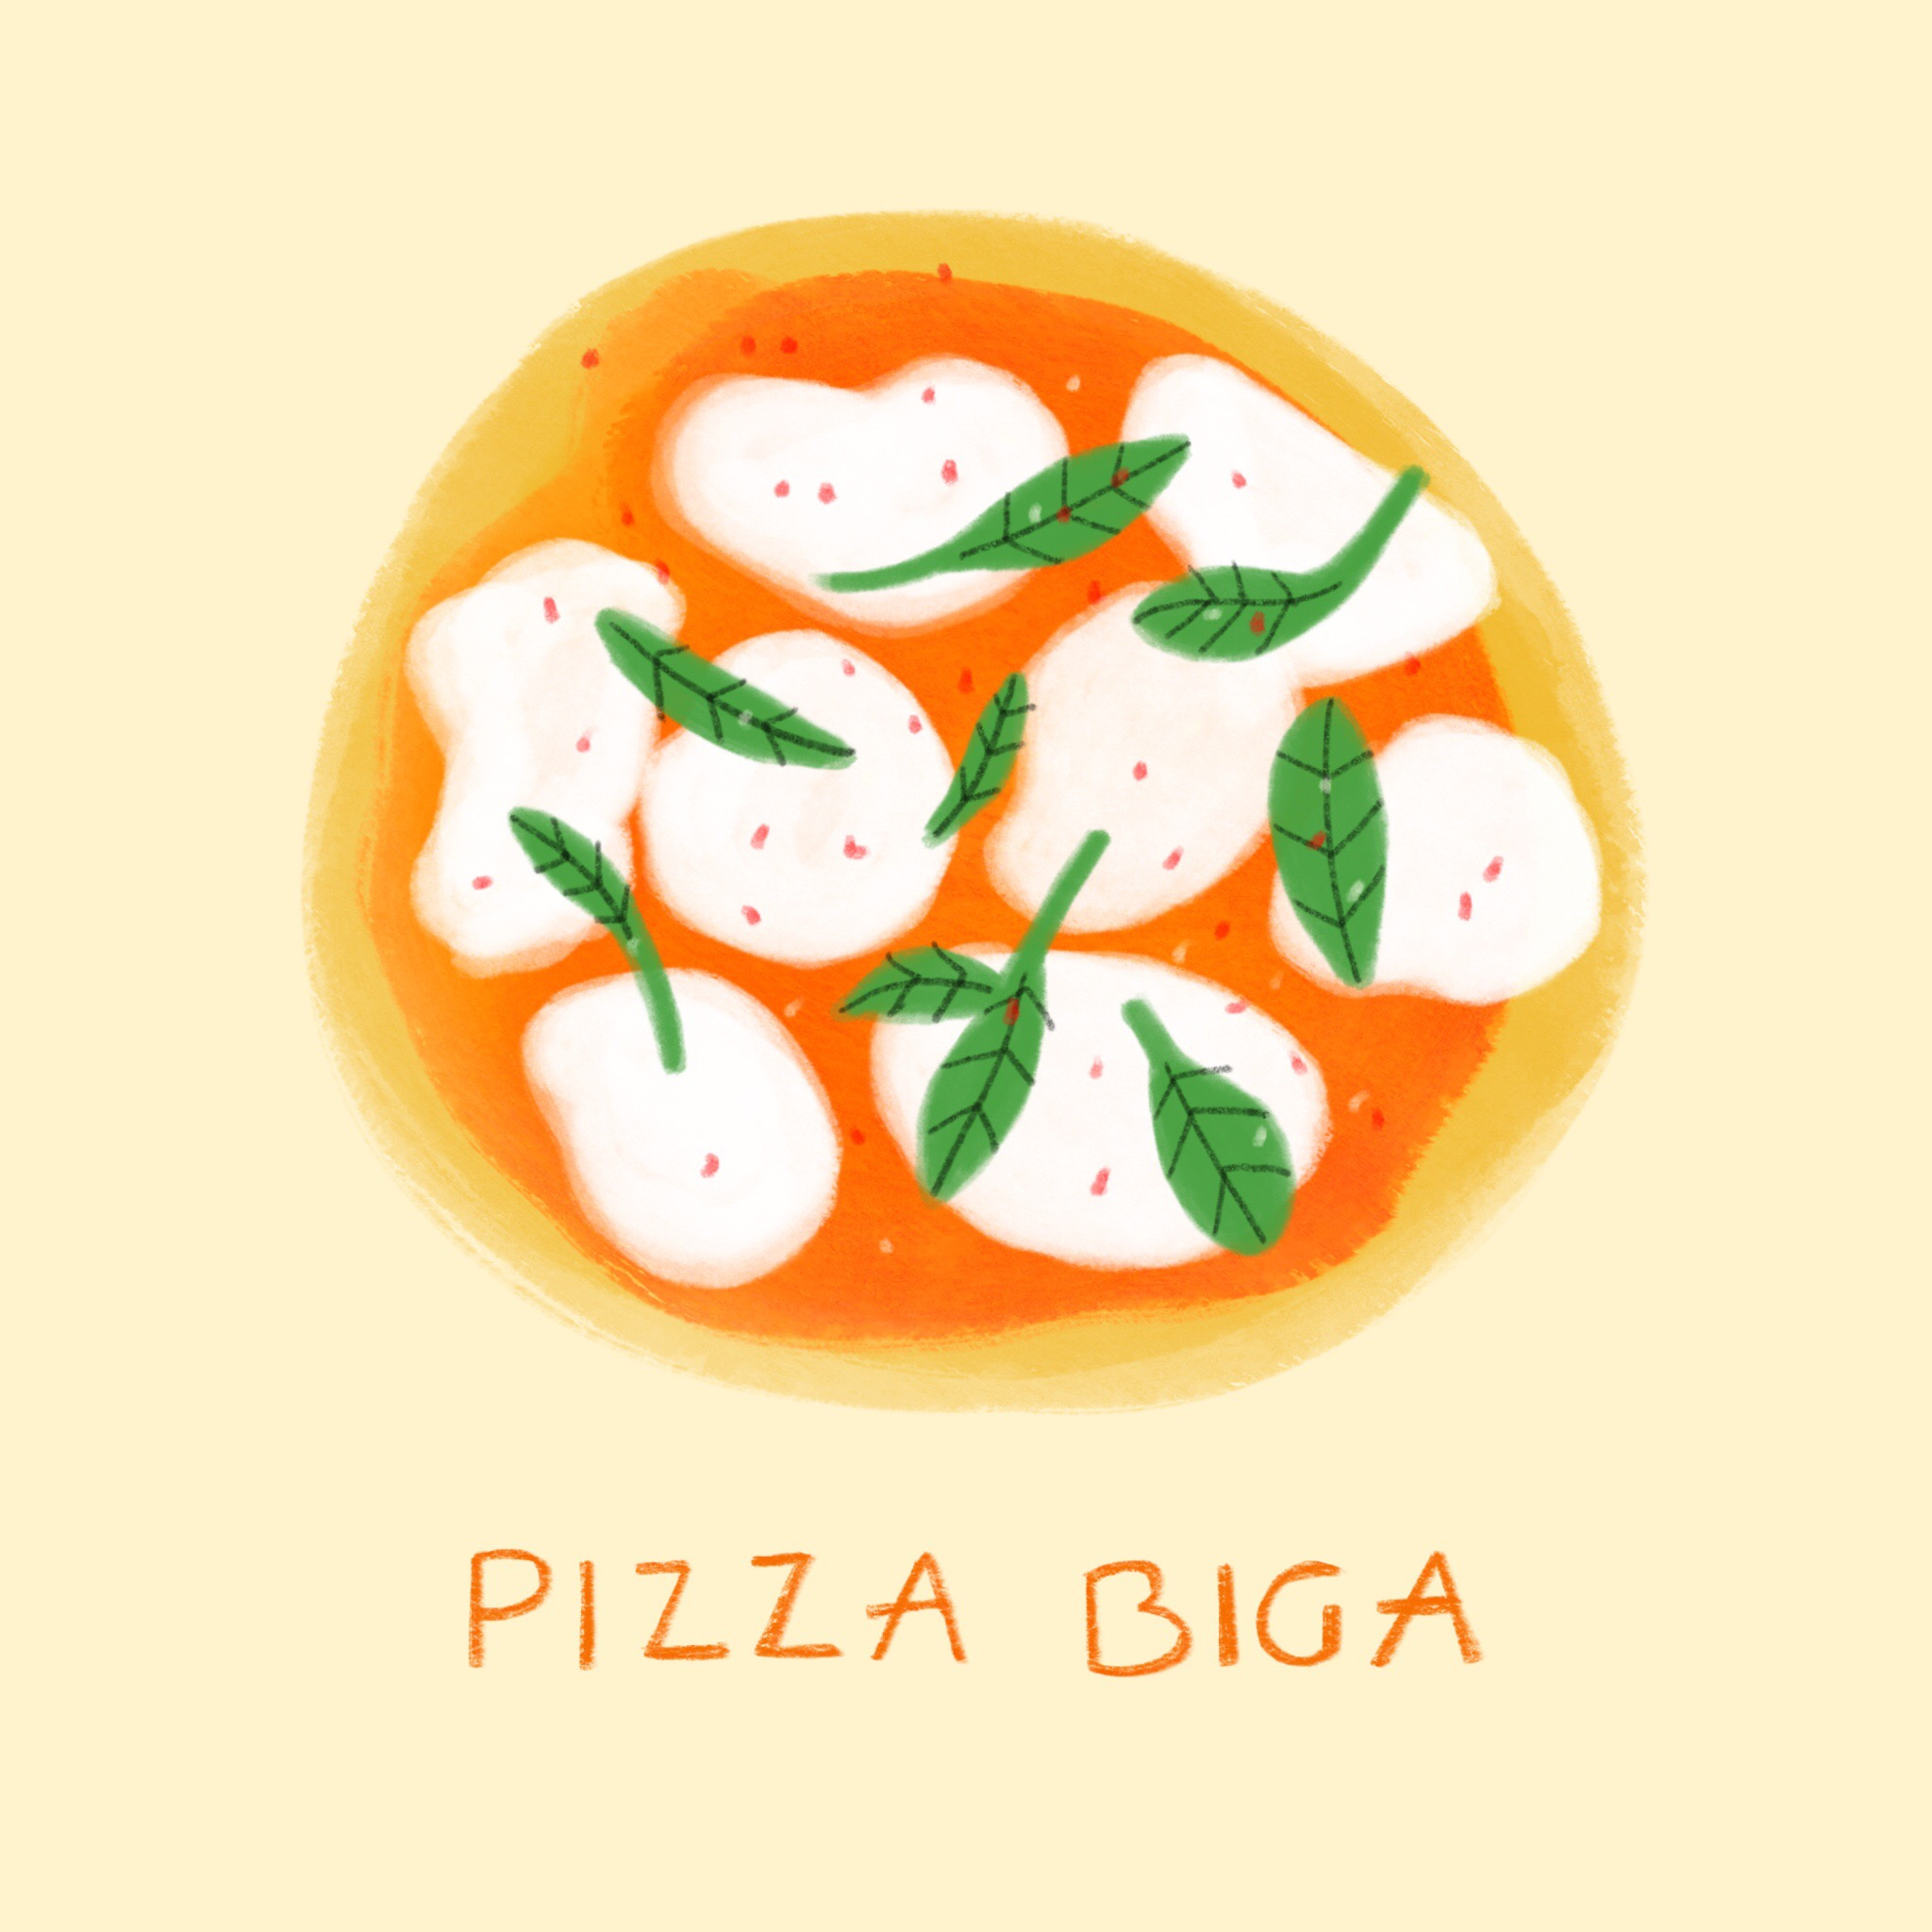 53_-_Pizza_Bigga.jpg